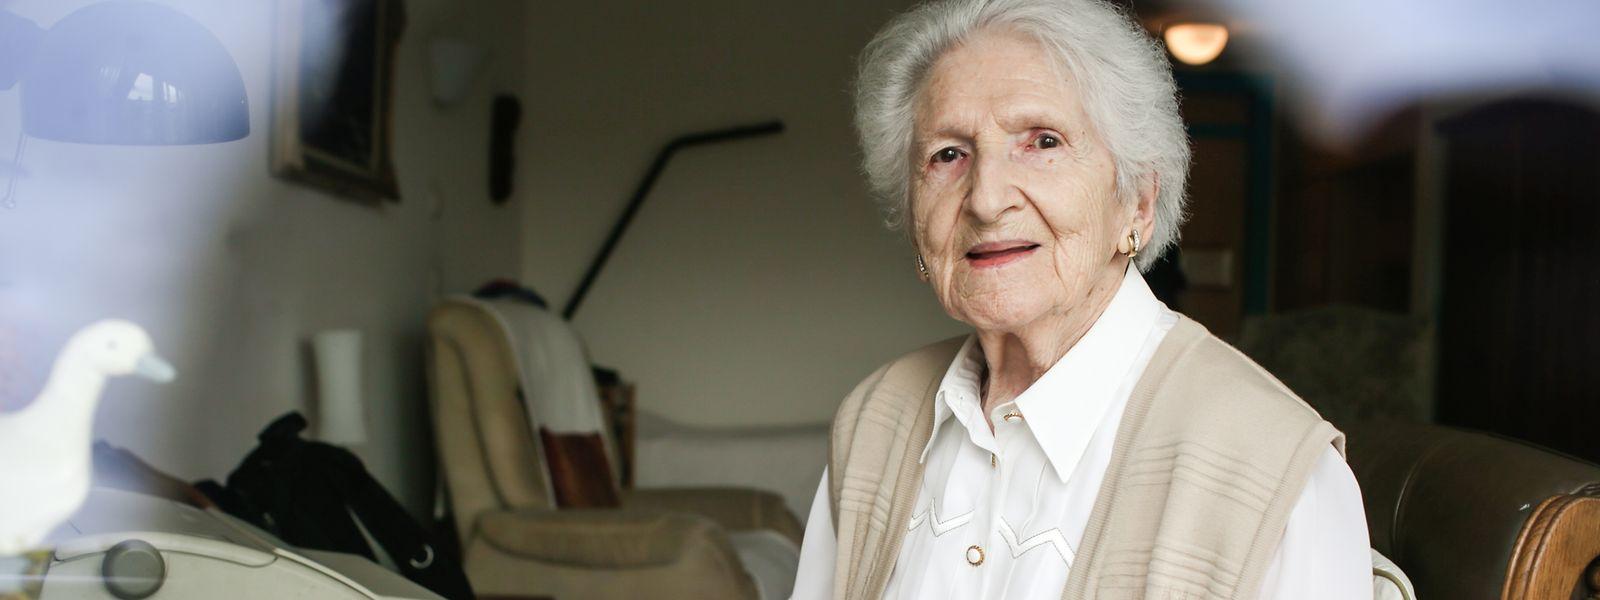 Trotz ihres hohen Alters erfreut sich die 99-Jährige Finny Cazzaro bester Gesundheit und hat jetzt noch ein Buch veröffentlicht – ein weiterer Roman ist auch schon in Arbeit.